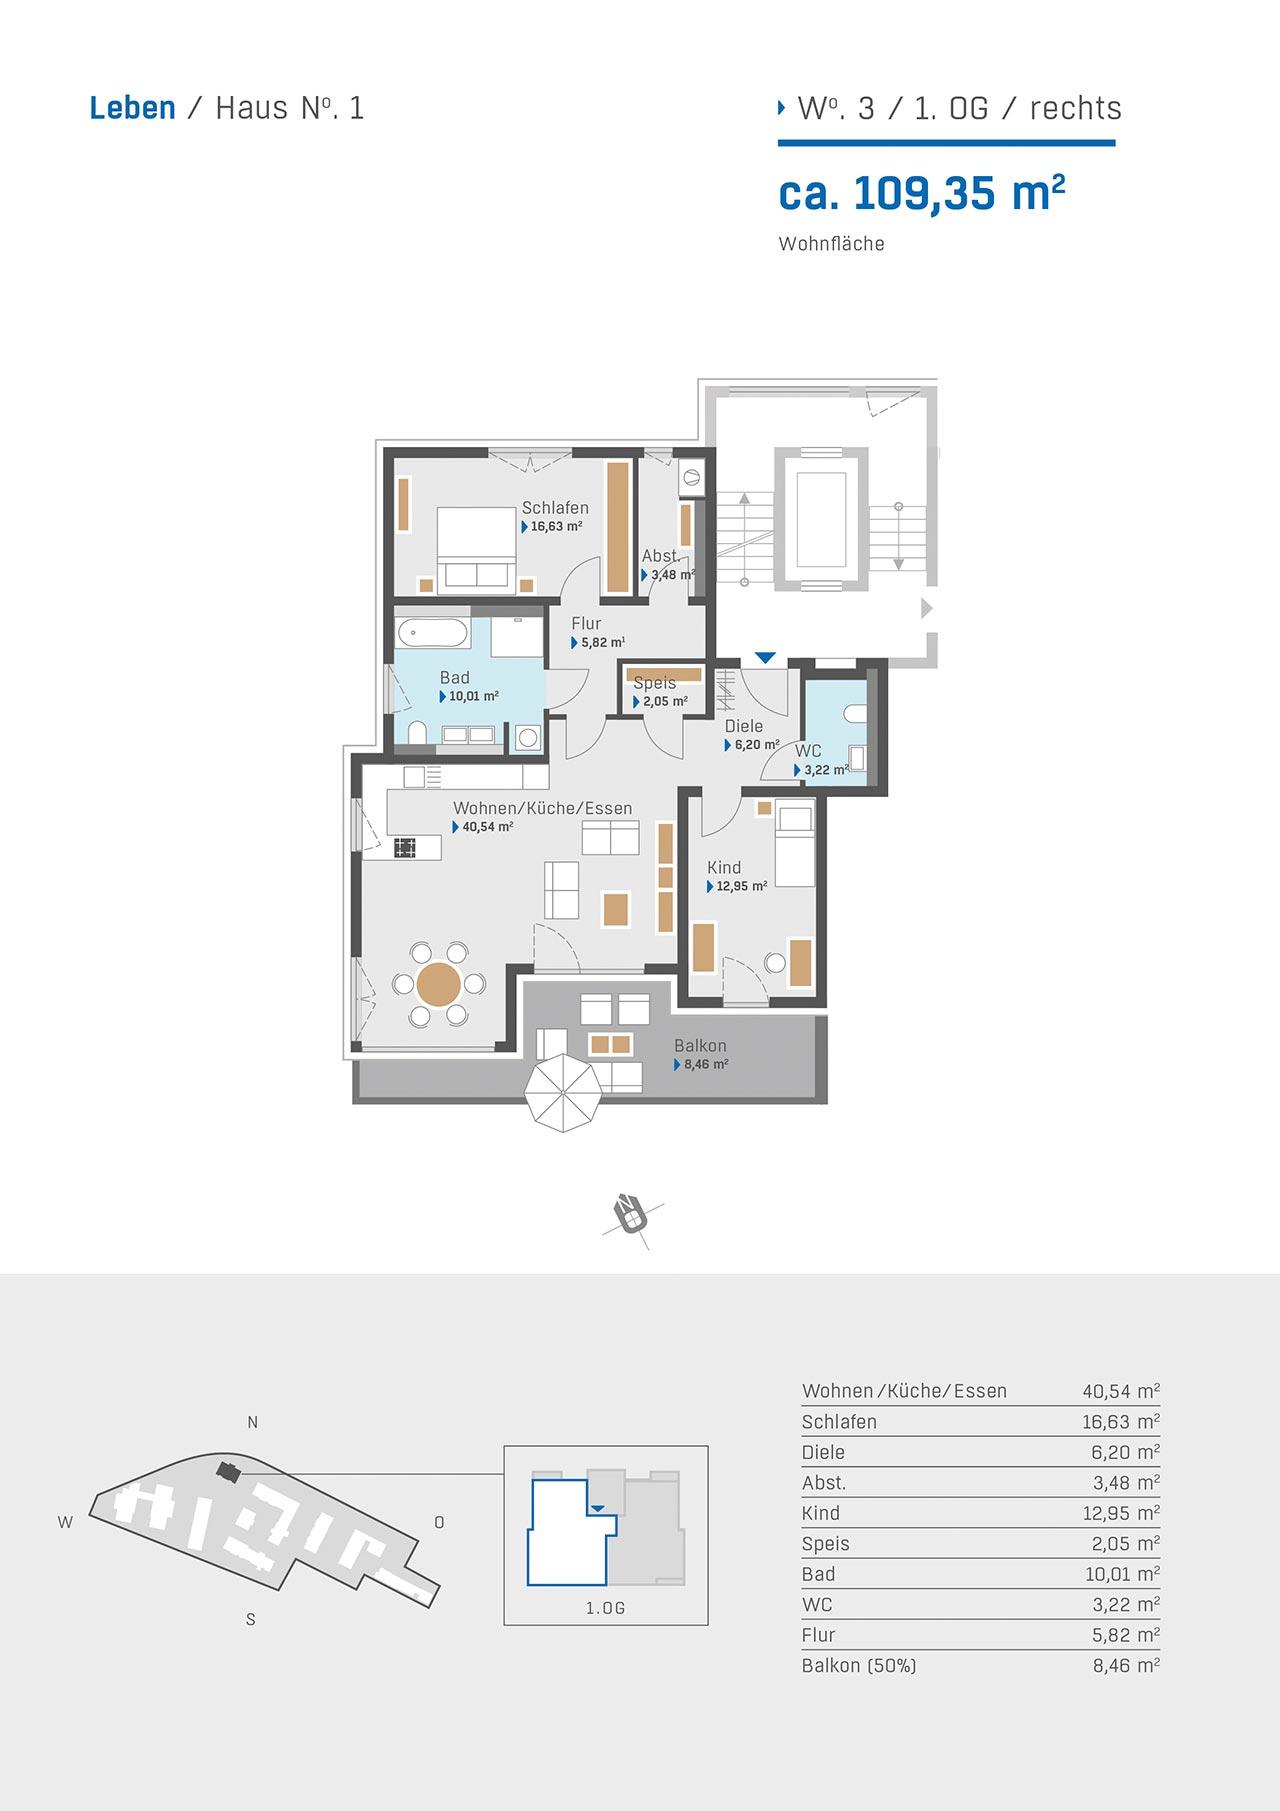 Leben-Haus 1 Grundriss Wohnung 3 1. OG rechts